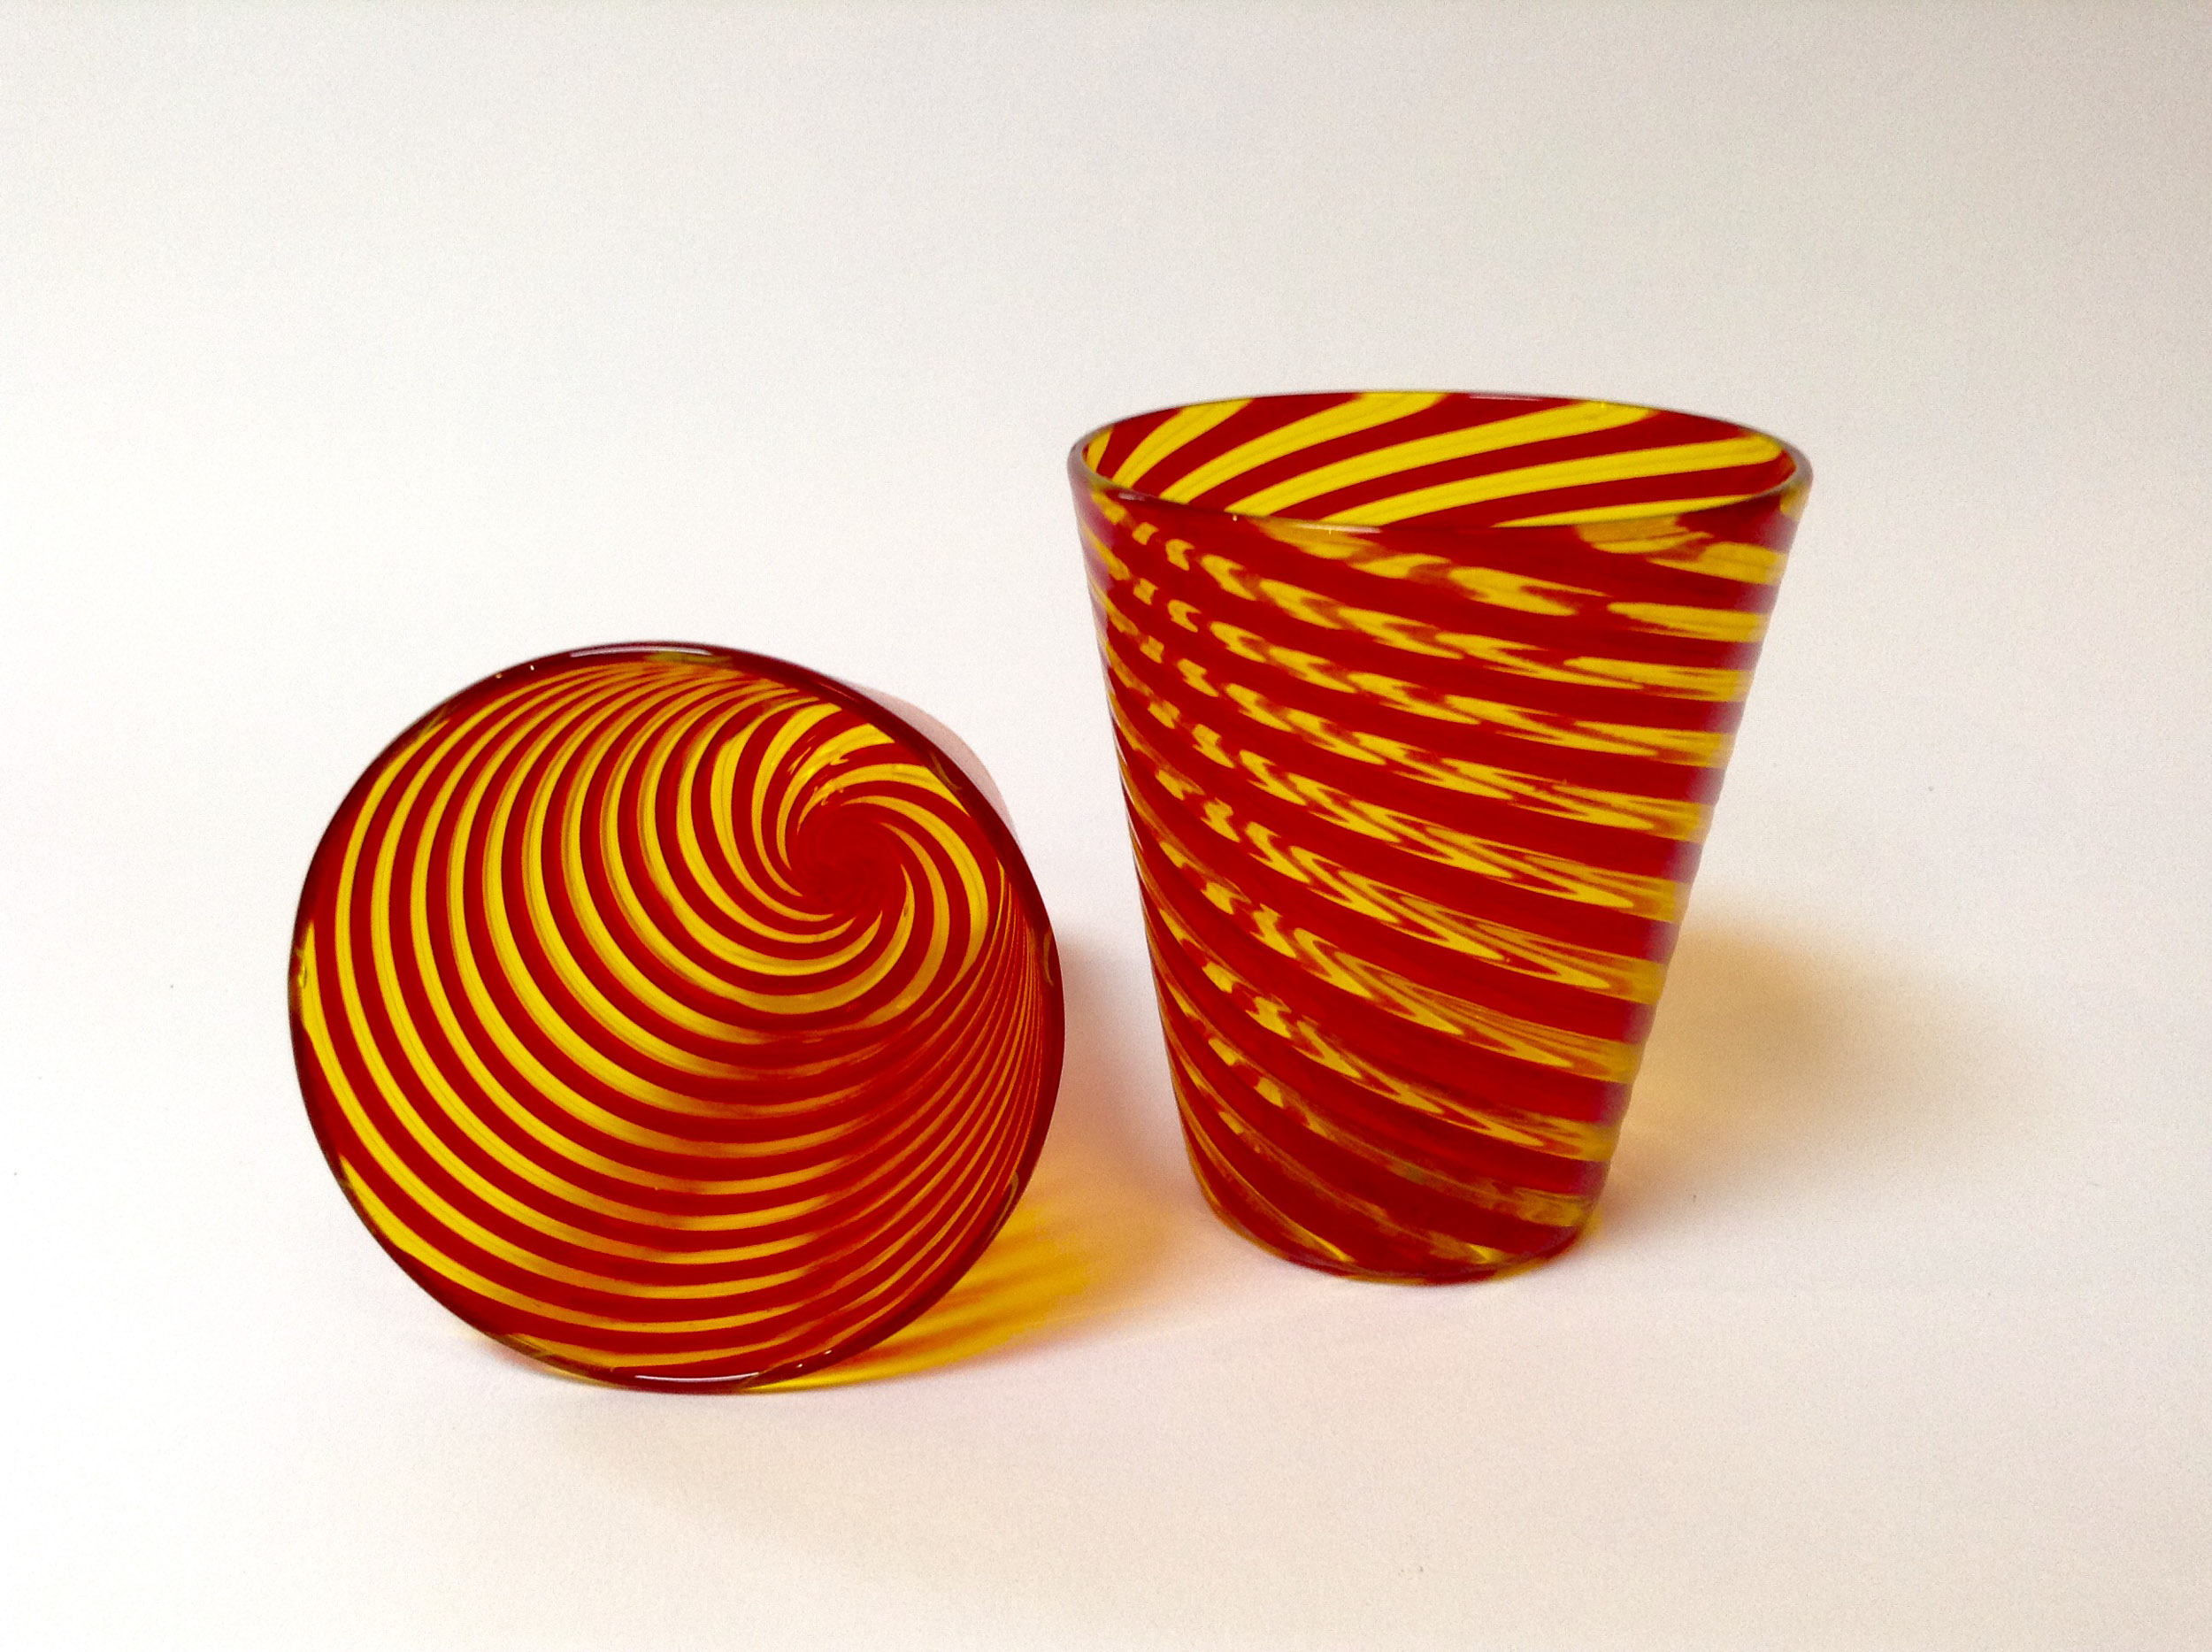 Olive-Glass_Italian-Art-Glass_Corrie-Haight_Lark-Dalton-20170326-3.jpg